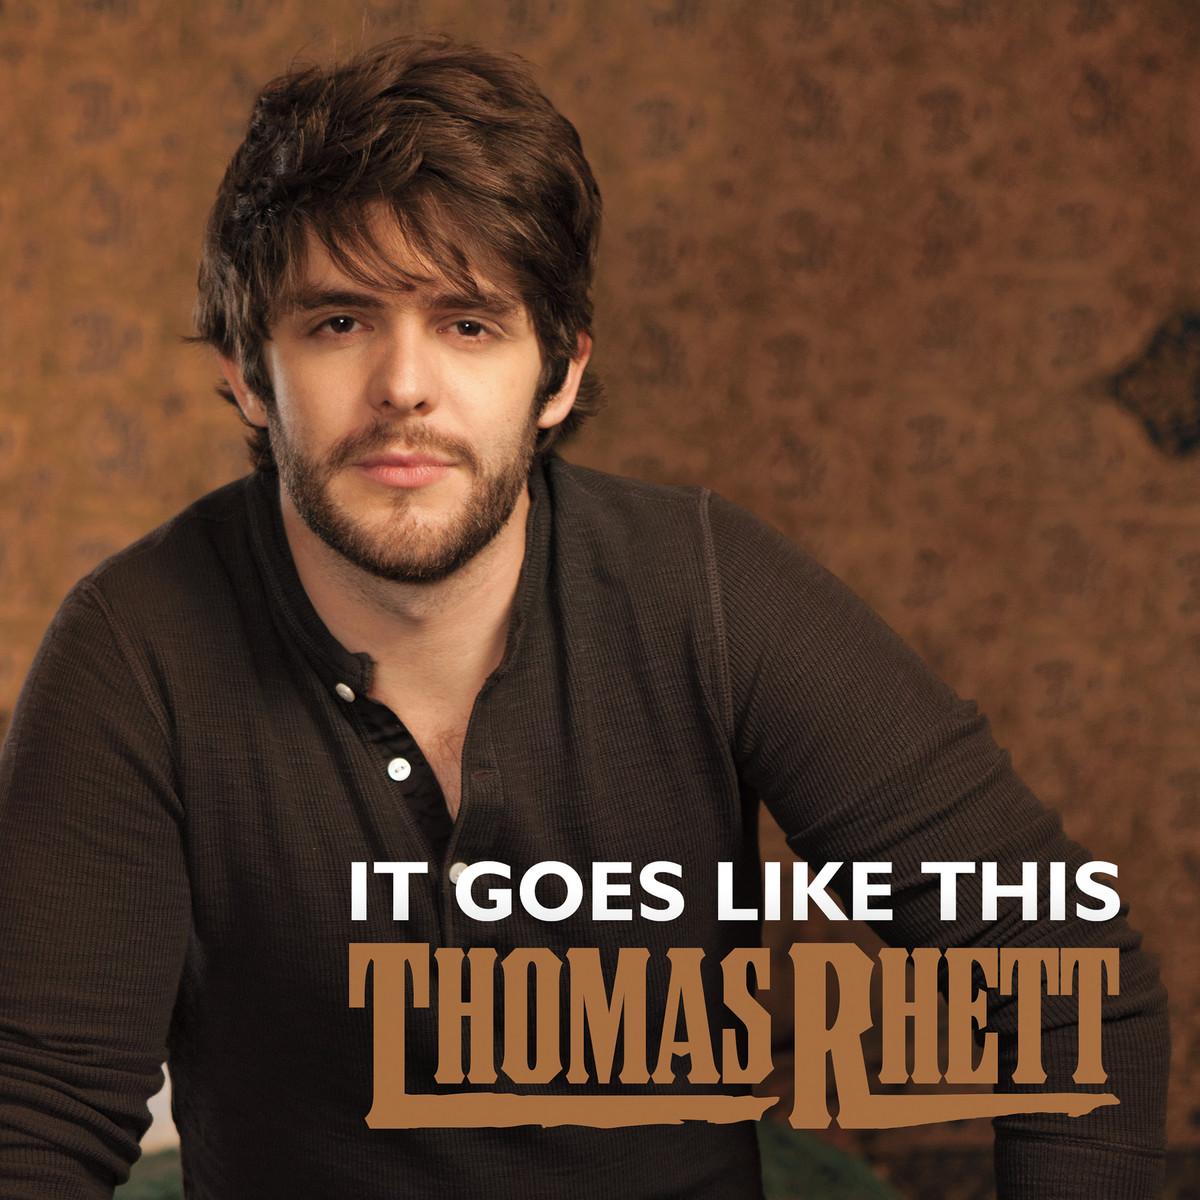 Thomas Rhett It Goes Like This cover art